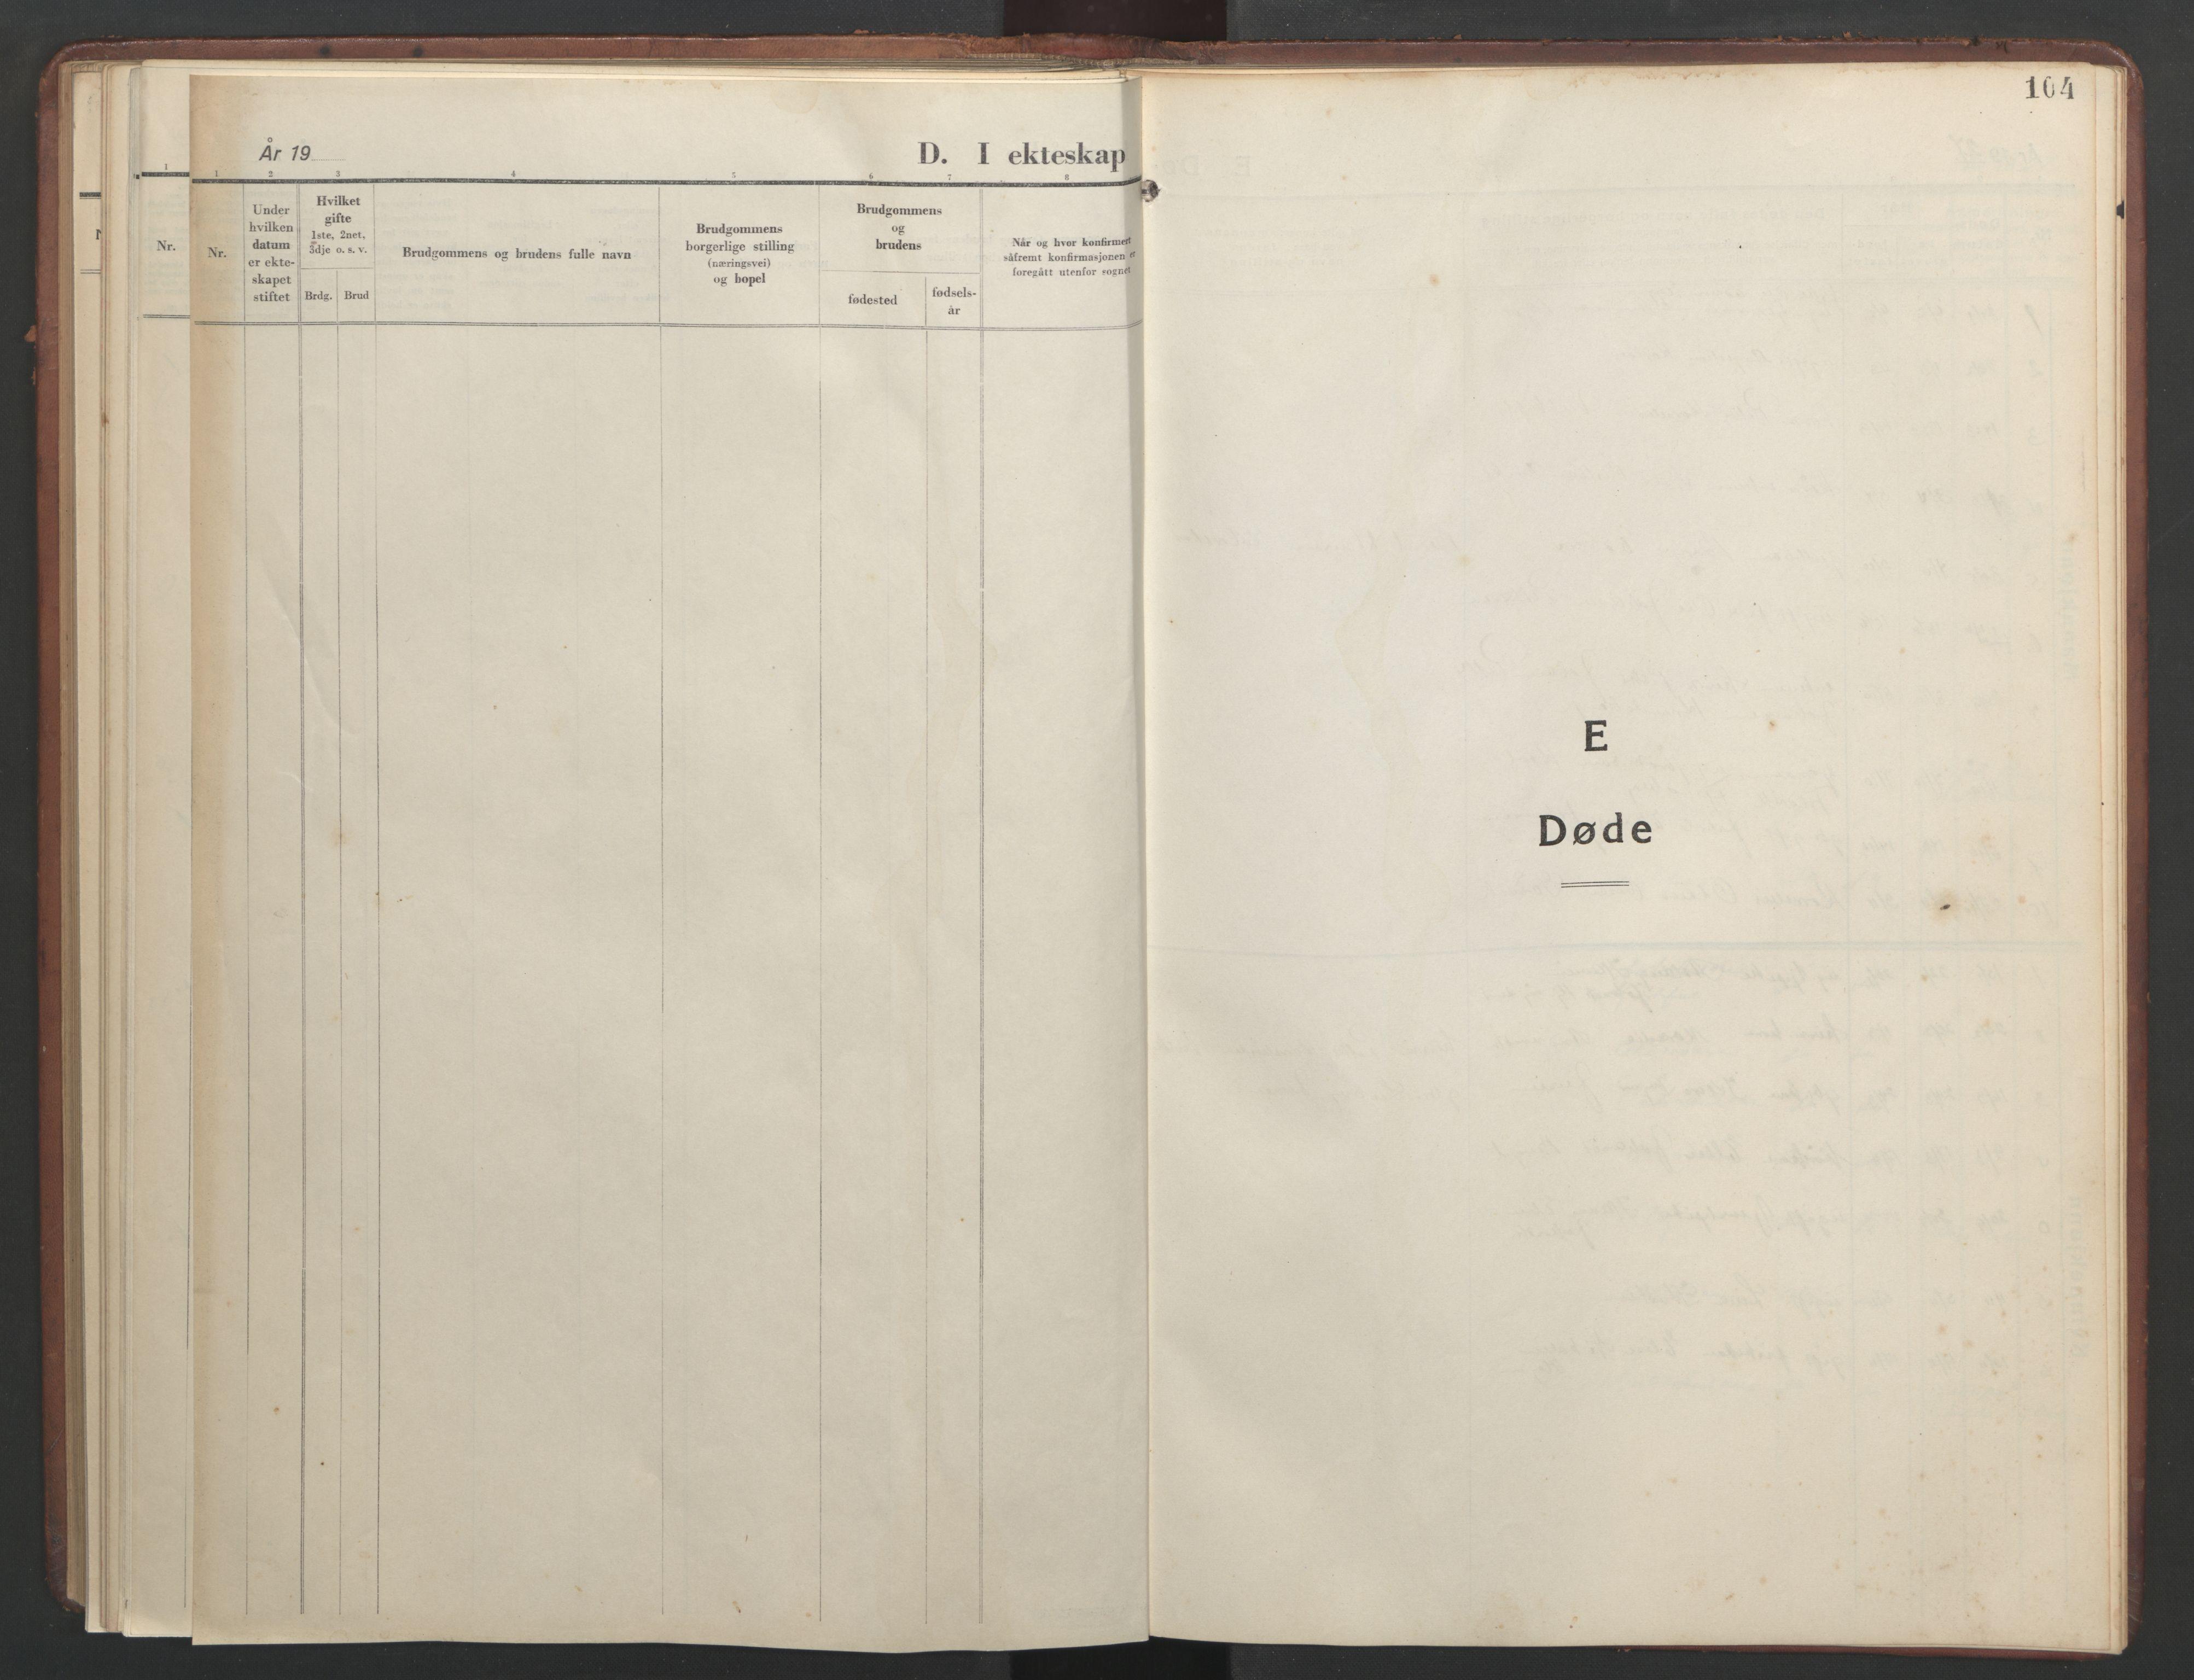 SAT, Ministerialprotokoller, klokkerbøker og fødselsregistre - Sør-Trøndelag, 634/L0544: Klokkerbok nr. 634C06, 1927-1948, s. 104